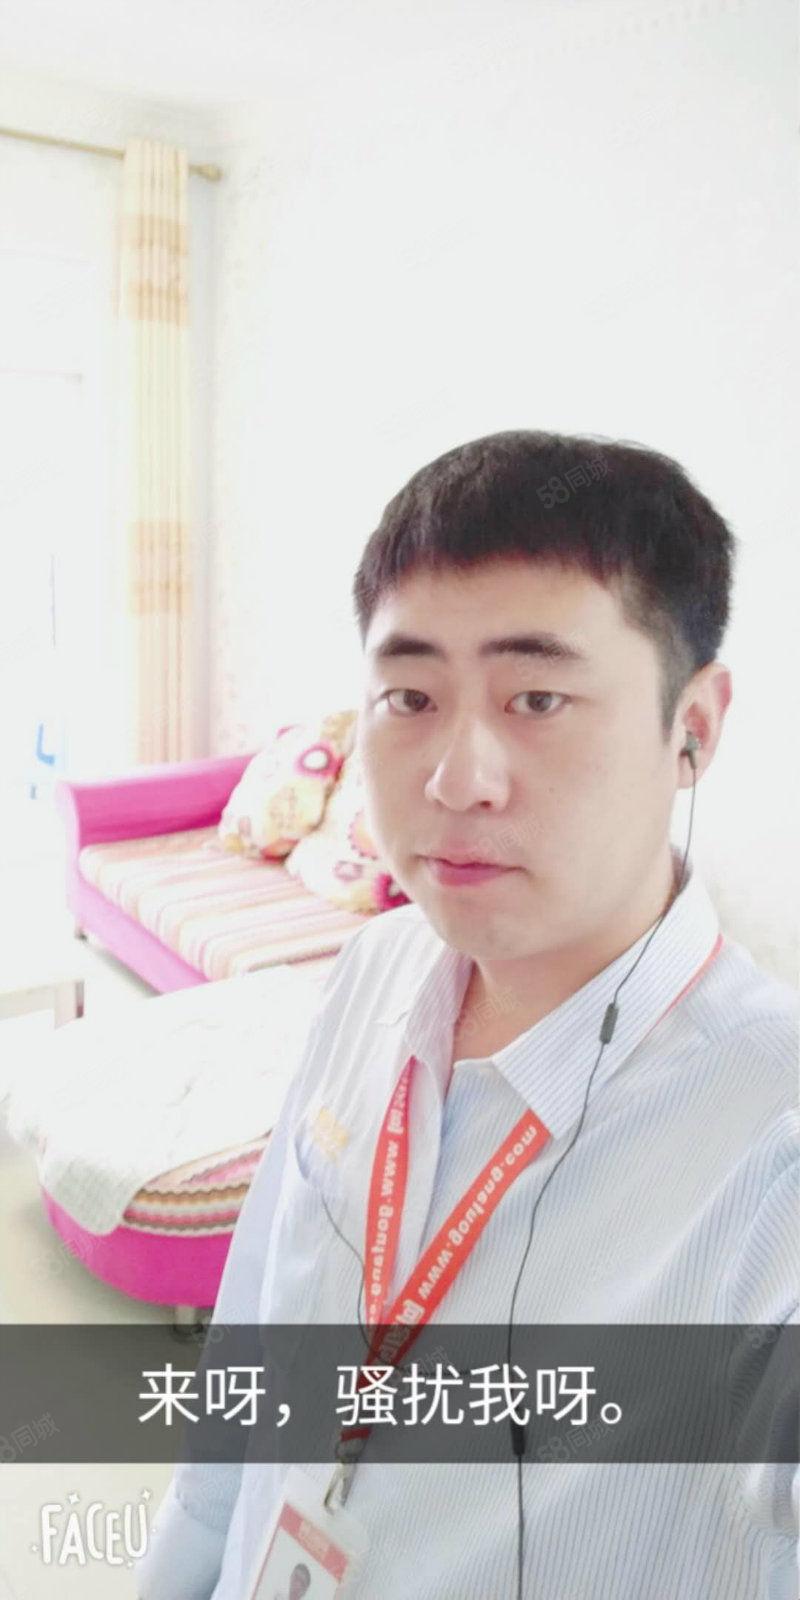 超值好房北海大道大润发五中房嘉福文华苑3房65万